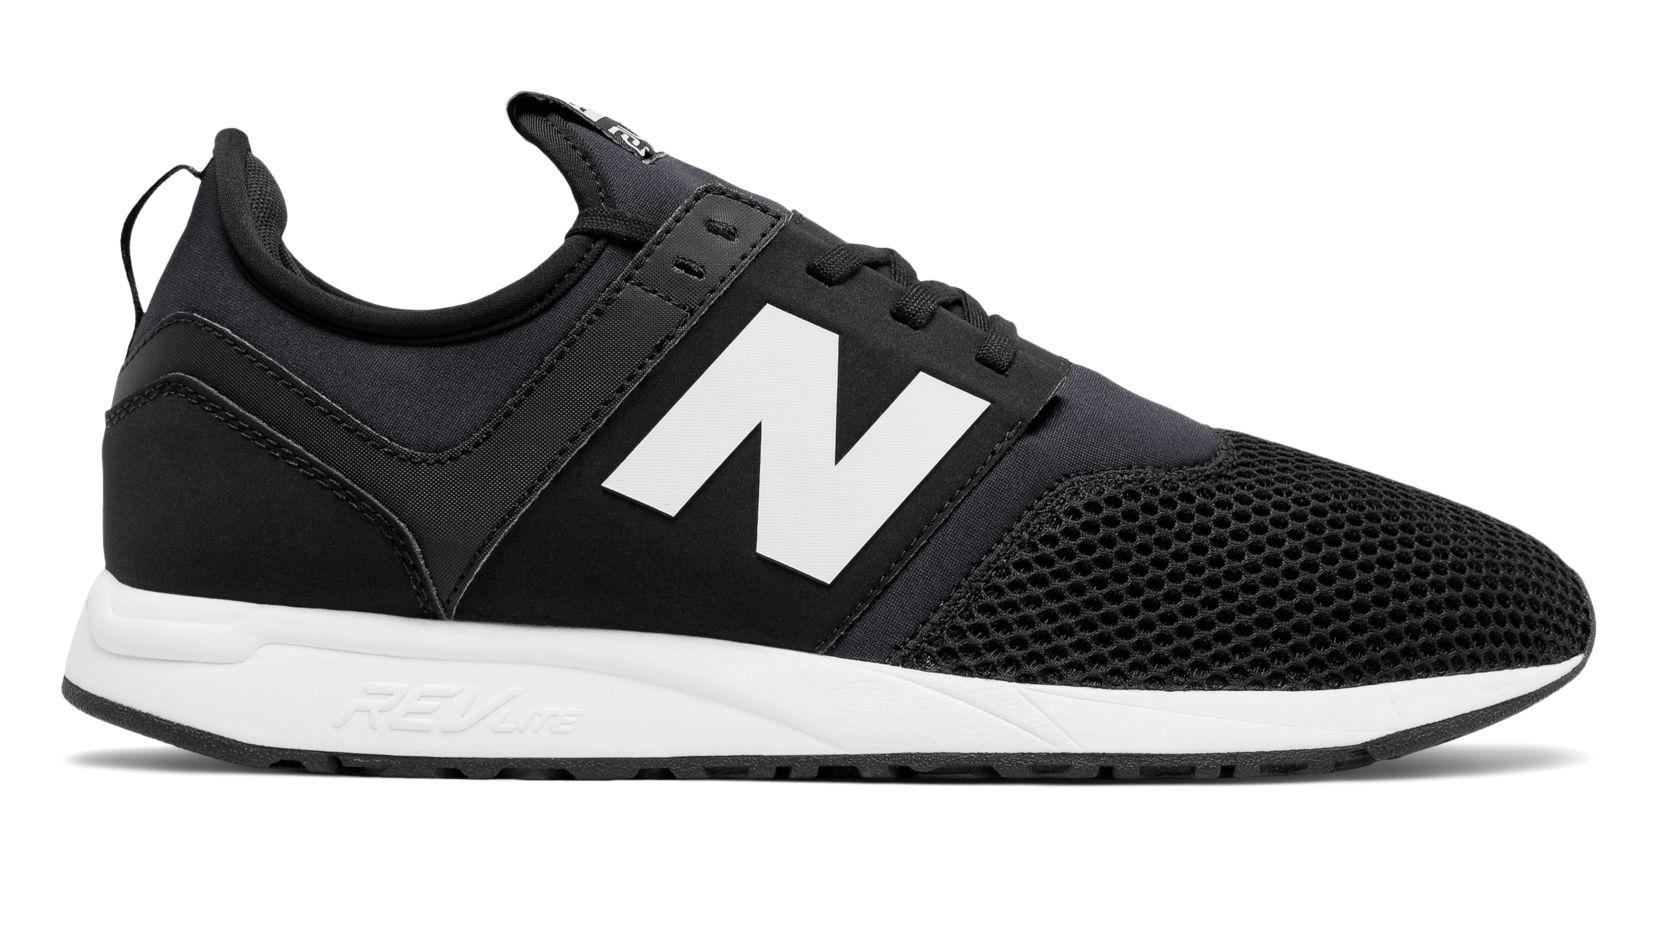 Sélection de Sneakers New Balance 247 en promotion - Ex : Sneakers homme New Balance MRL247BG (taille au choix)